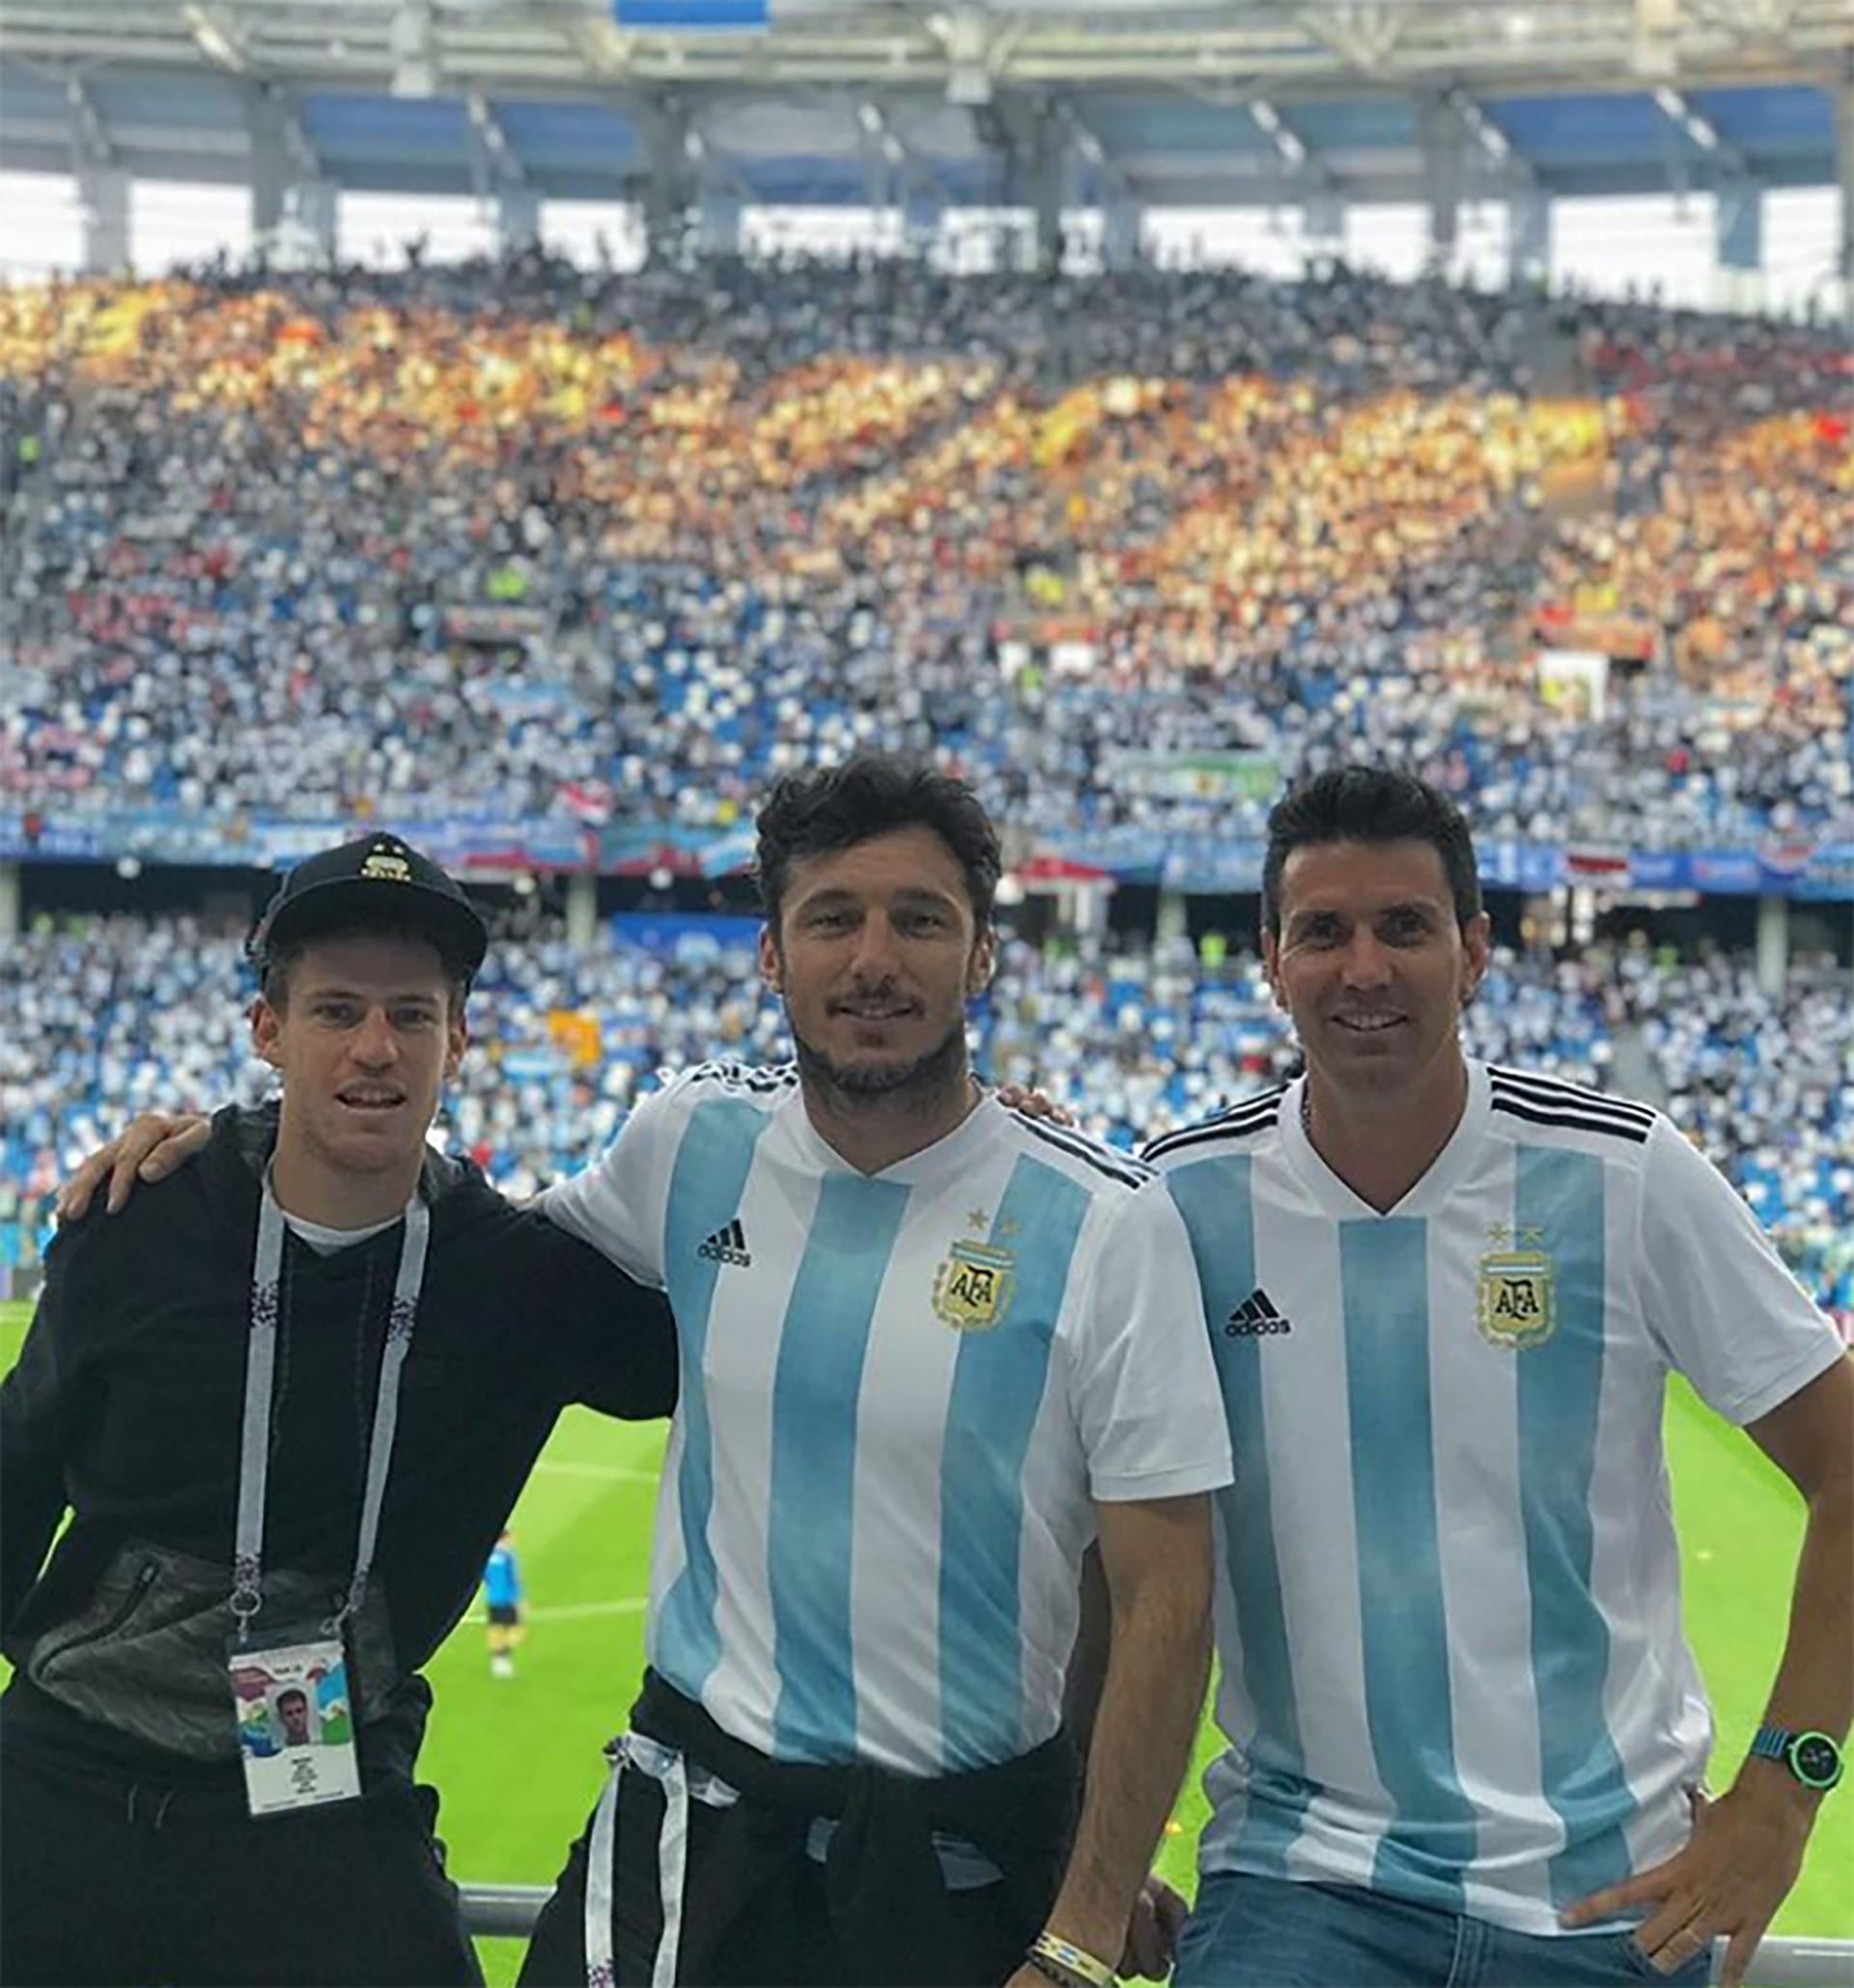 Pico Mónaco alentó a la Selección junto con Juan Ignacio Chela y Diego Schwartzman. El tenista se angustió mucho con la derrota de Argentina ante Croacia